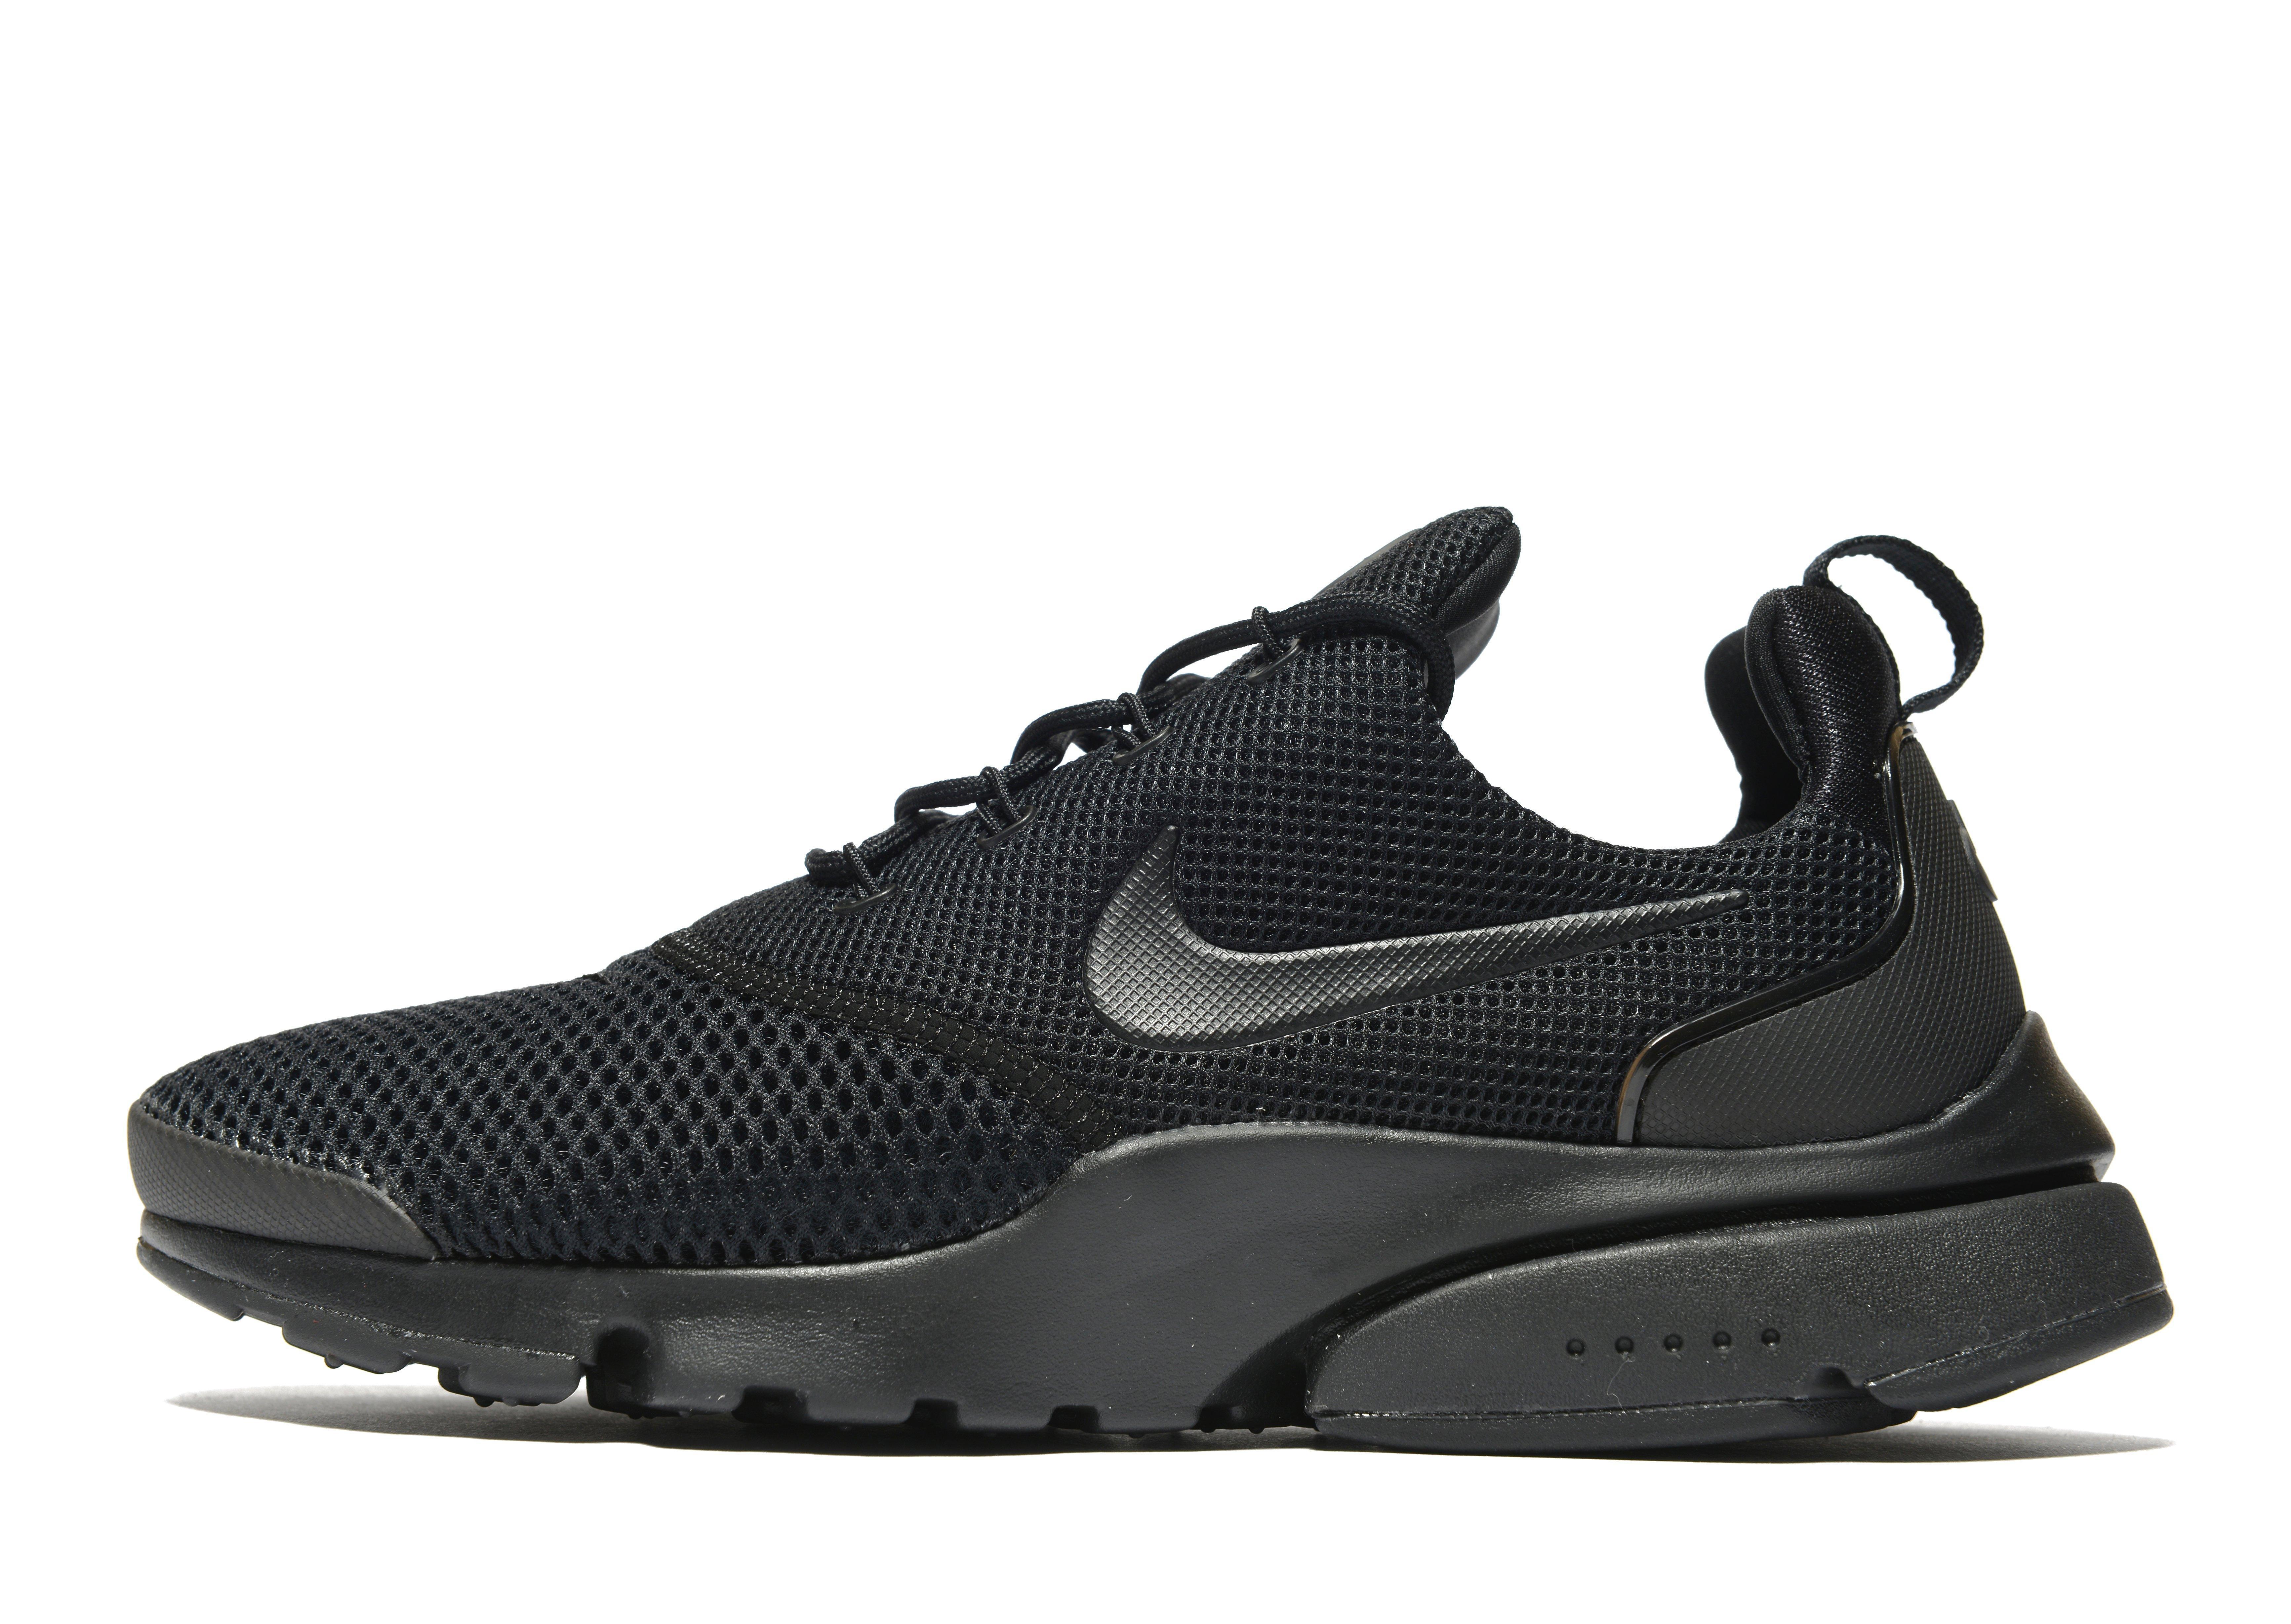 Jd Nike Shoes Women